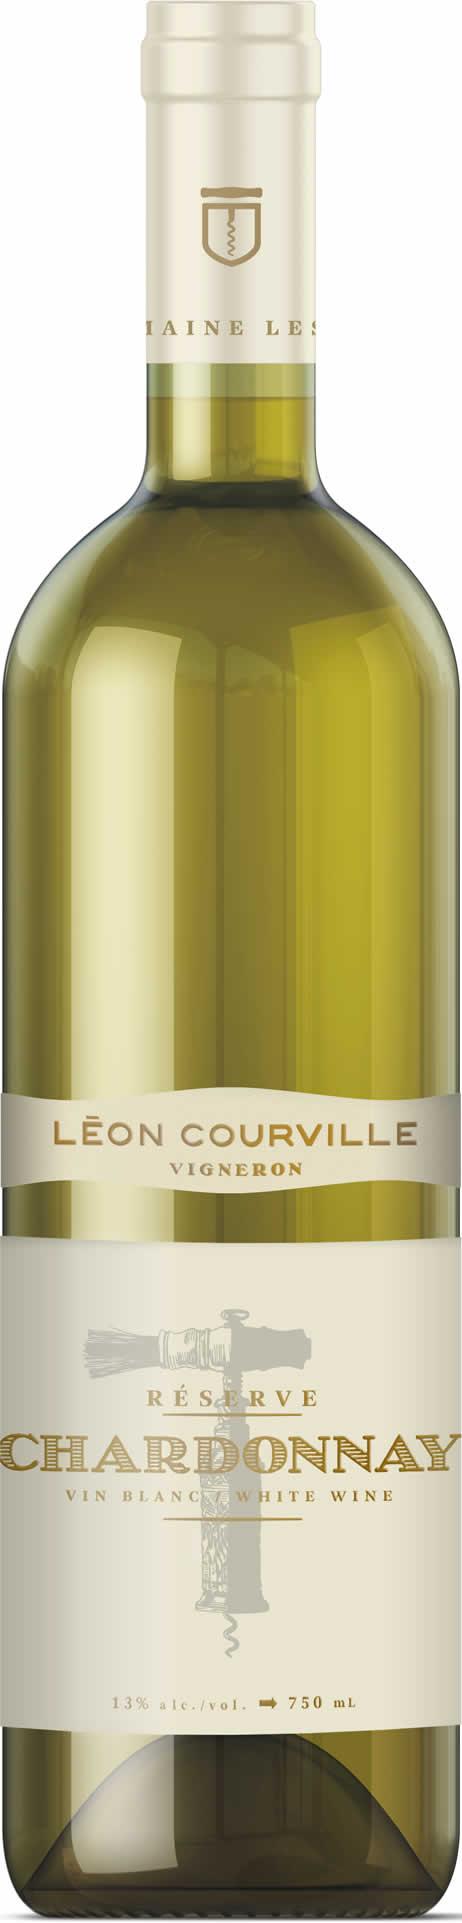 Réserve Chardonnay